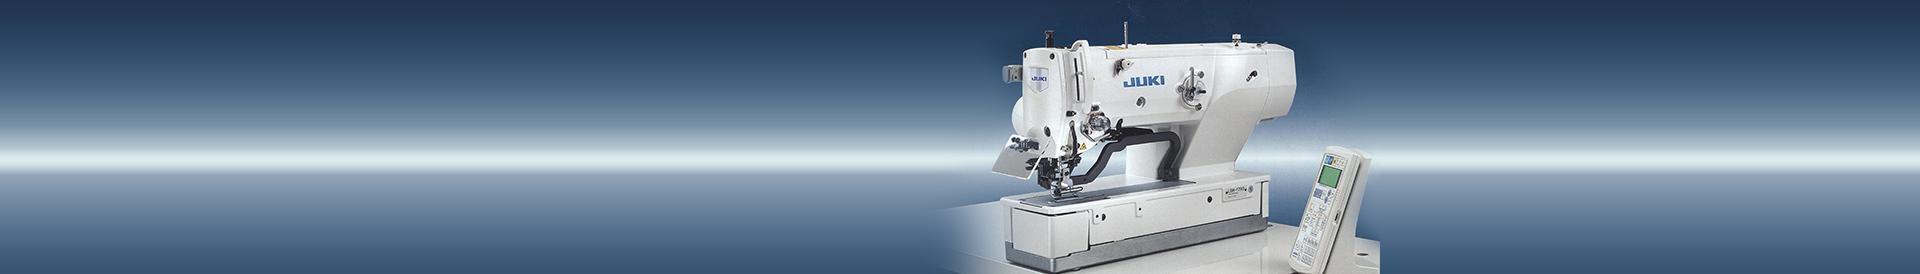 Biała maszyna szwalnicza na gradientowym tle